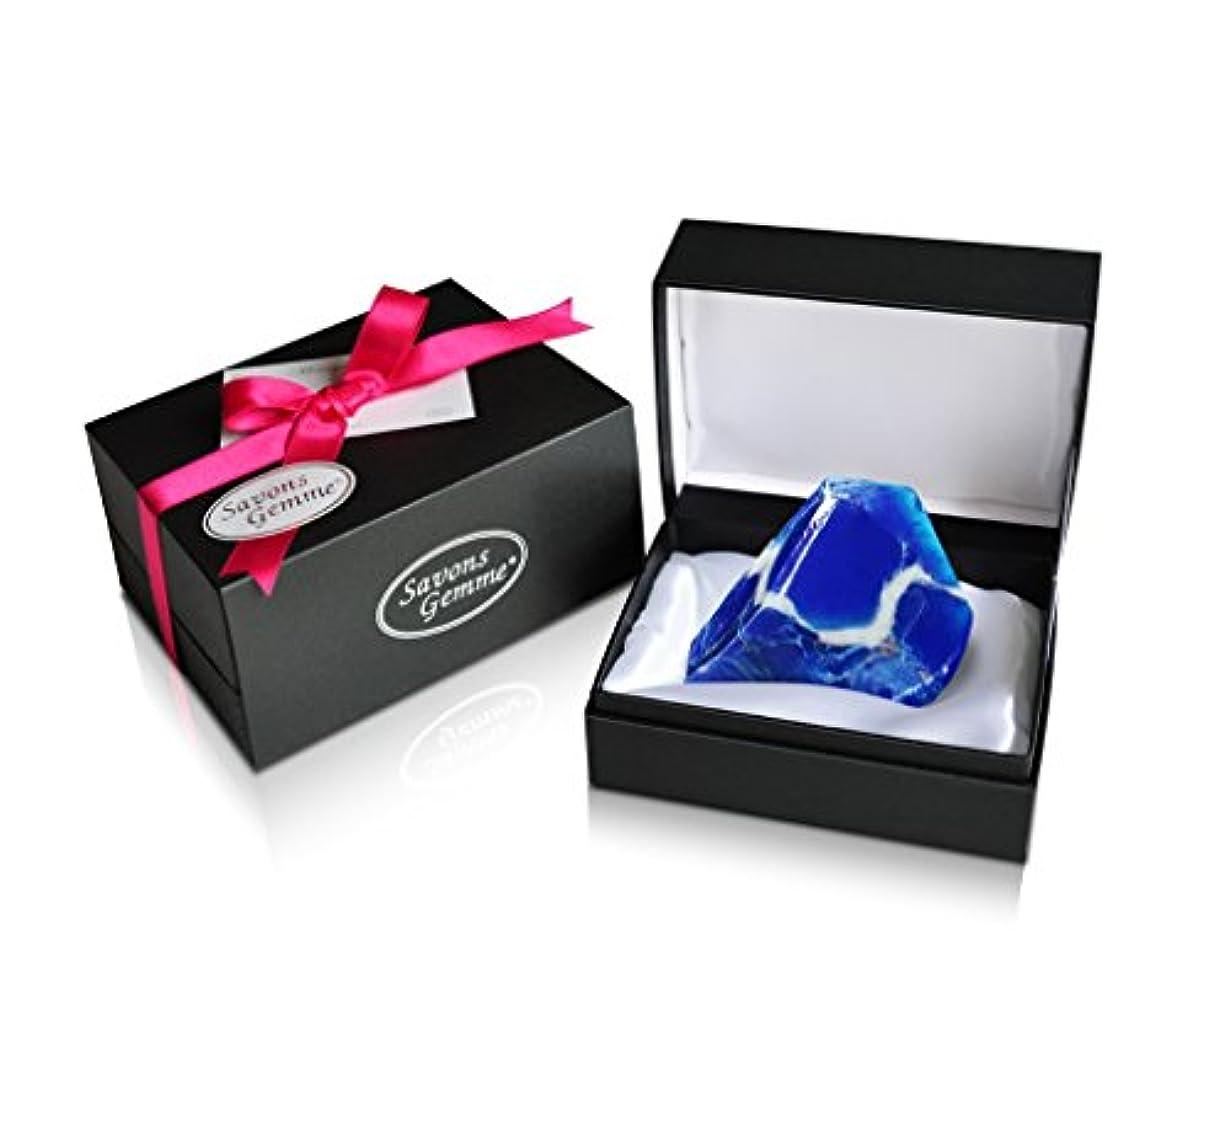 キッチン避けられない七時半Savons Gemme サボンジェム ジュエリーギフトボックス 世界で一番美しい宝石石鹸 フレグランス ソープ ラピスラズリィ 170g